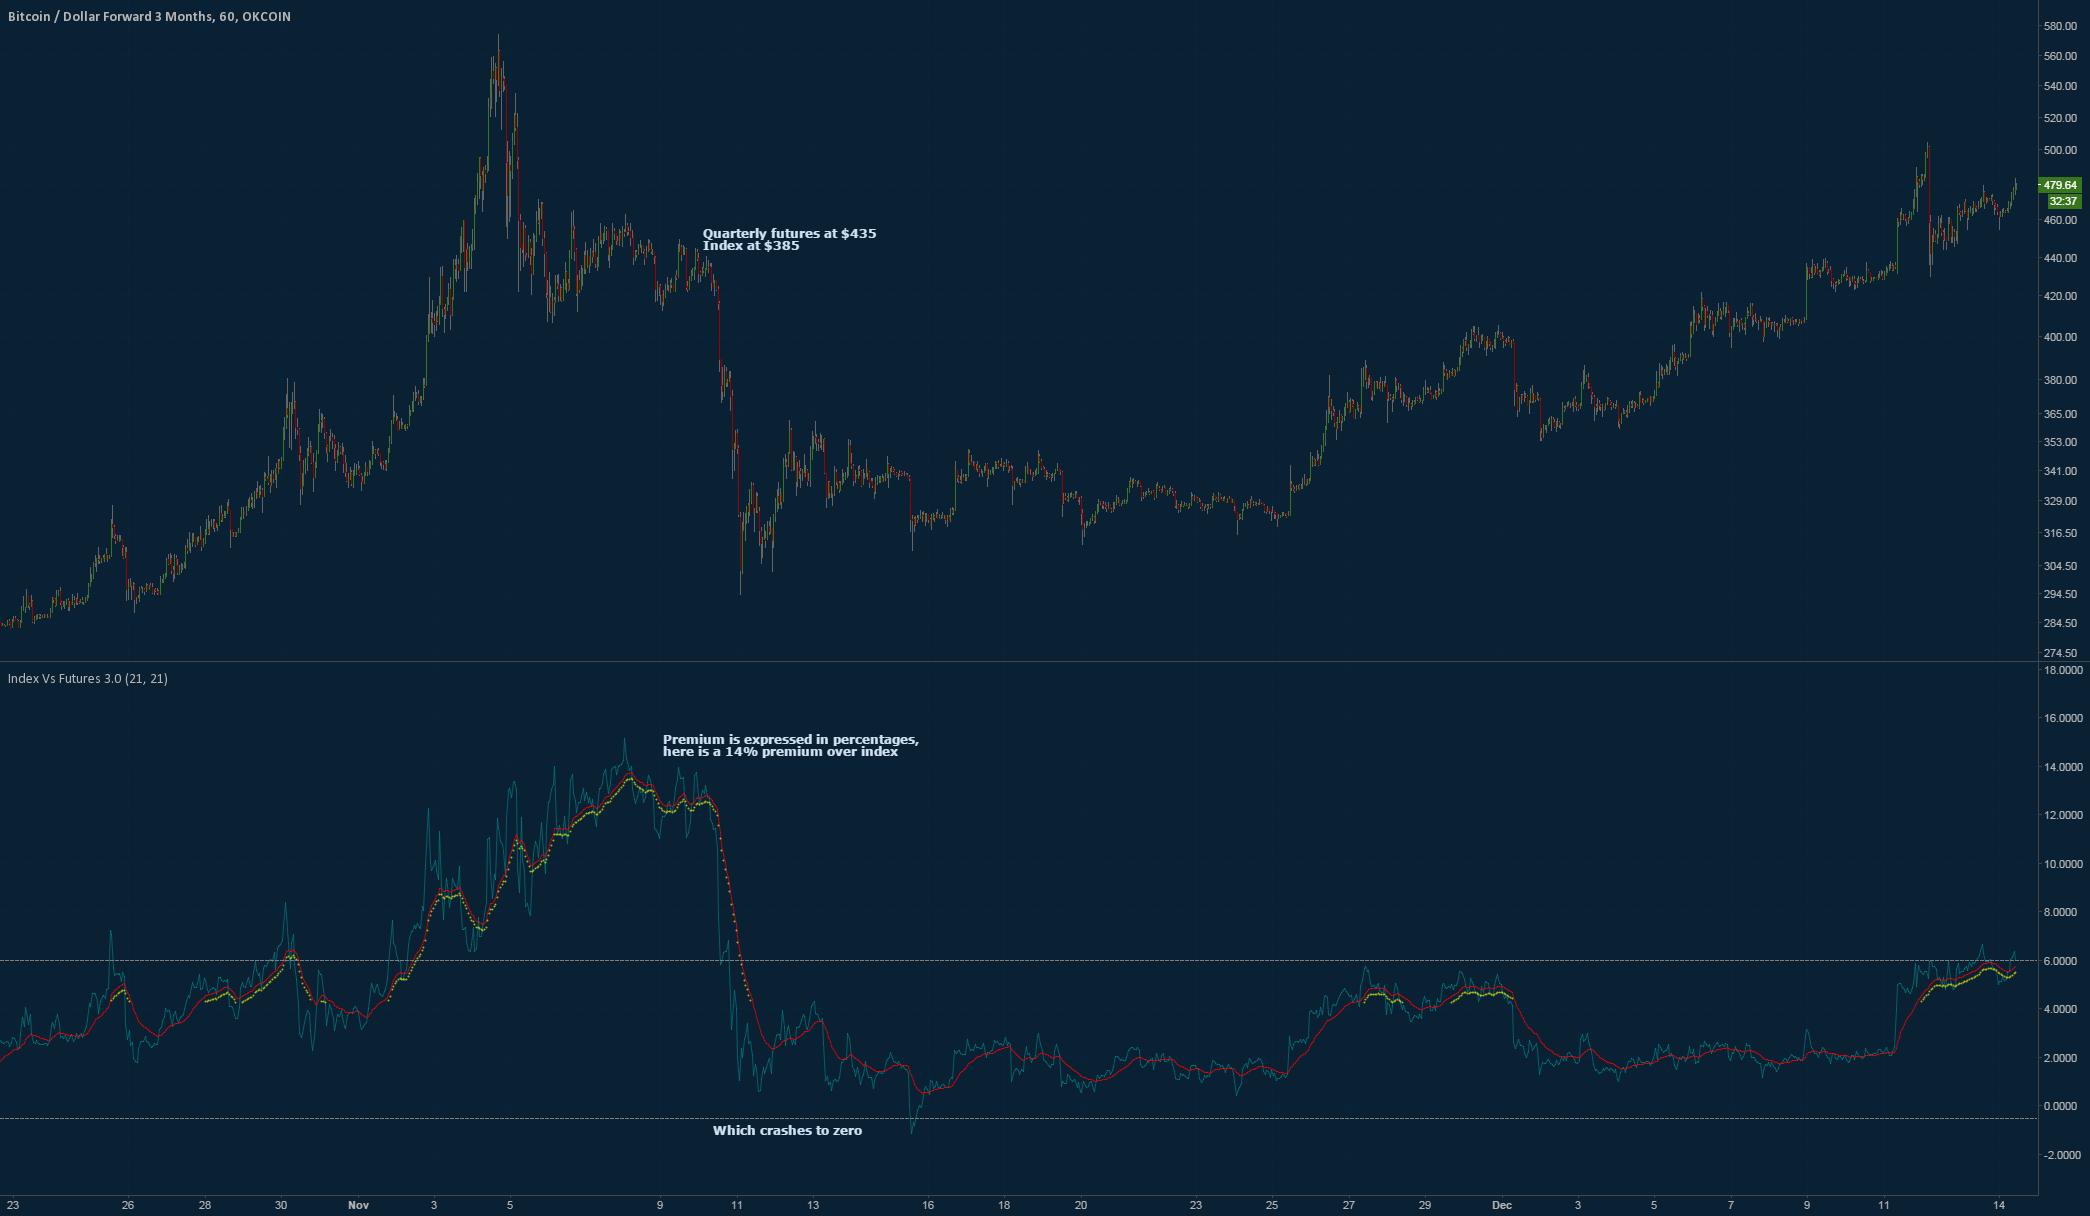 Index Vs Futures 3.0